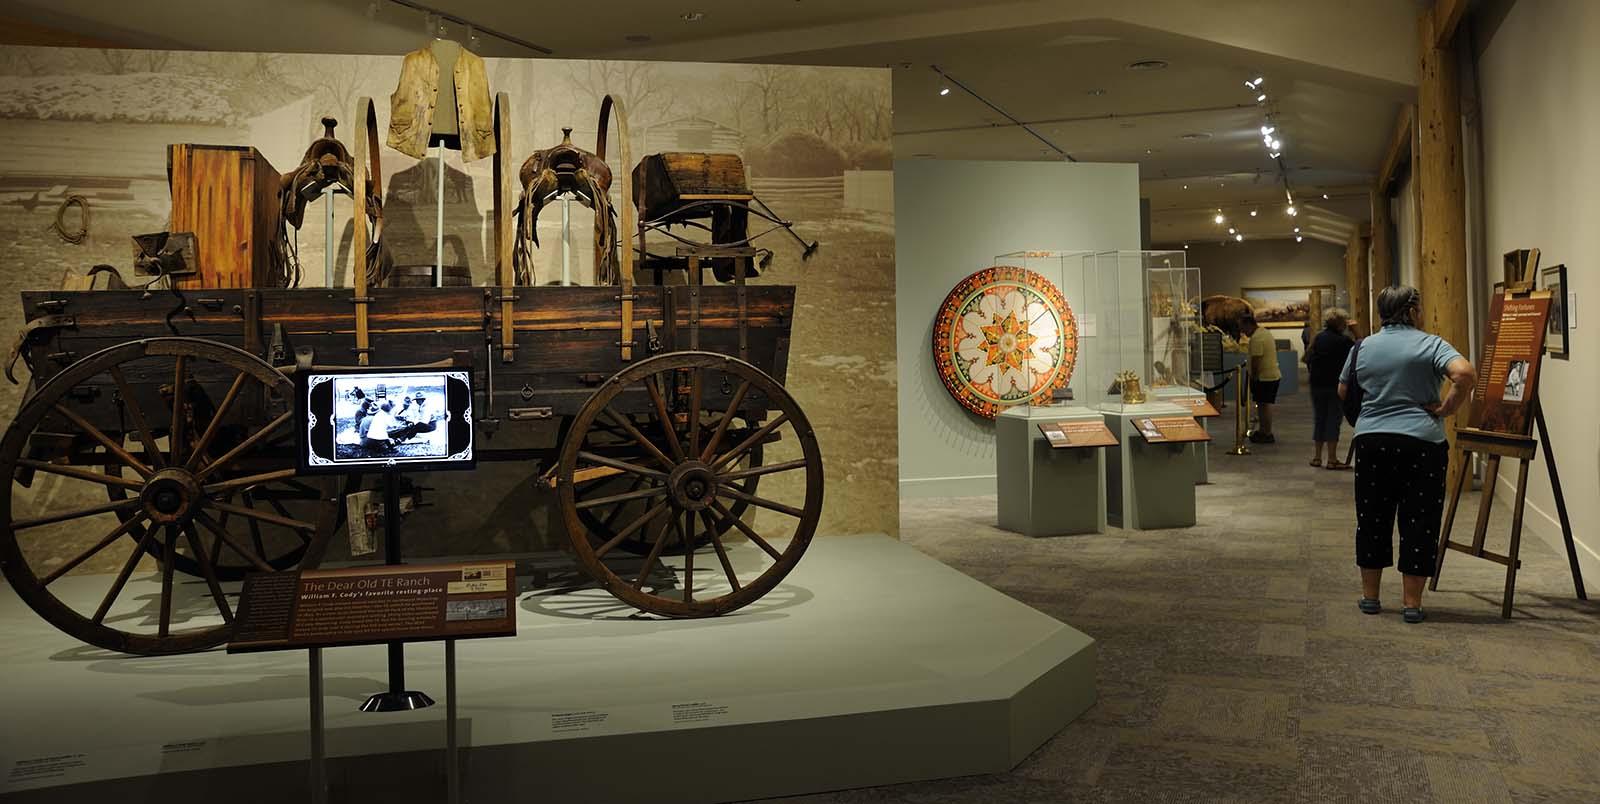 TE Ranch wagon exhibit, Buffalo Bill Museum, 2012.